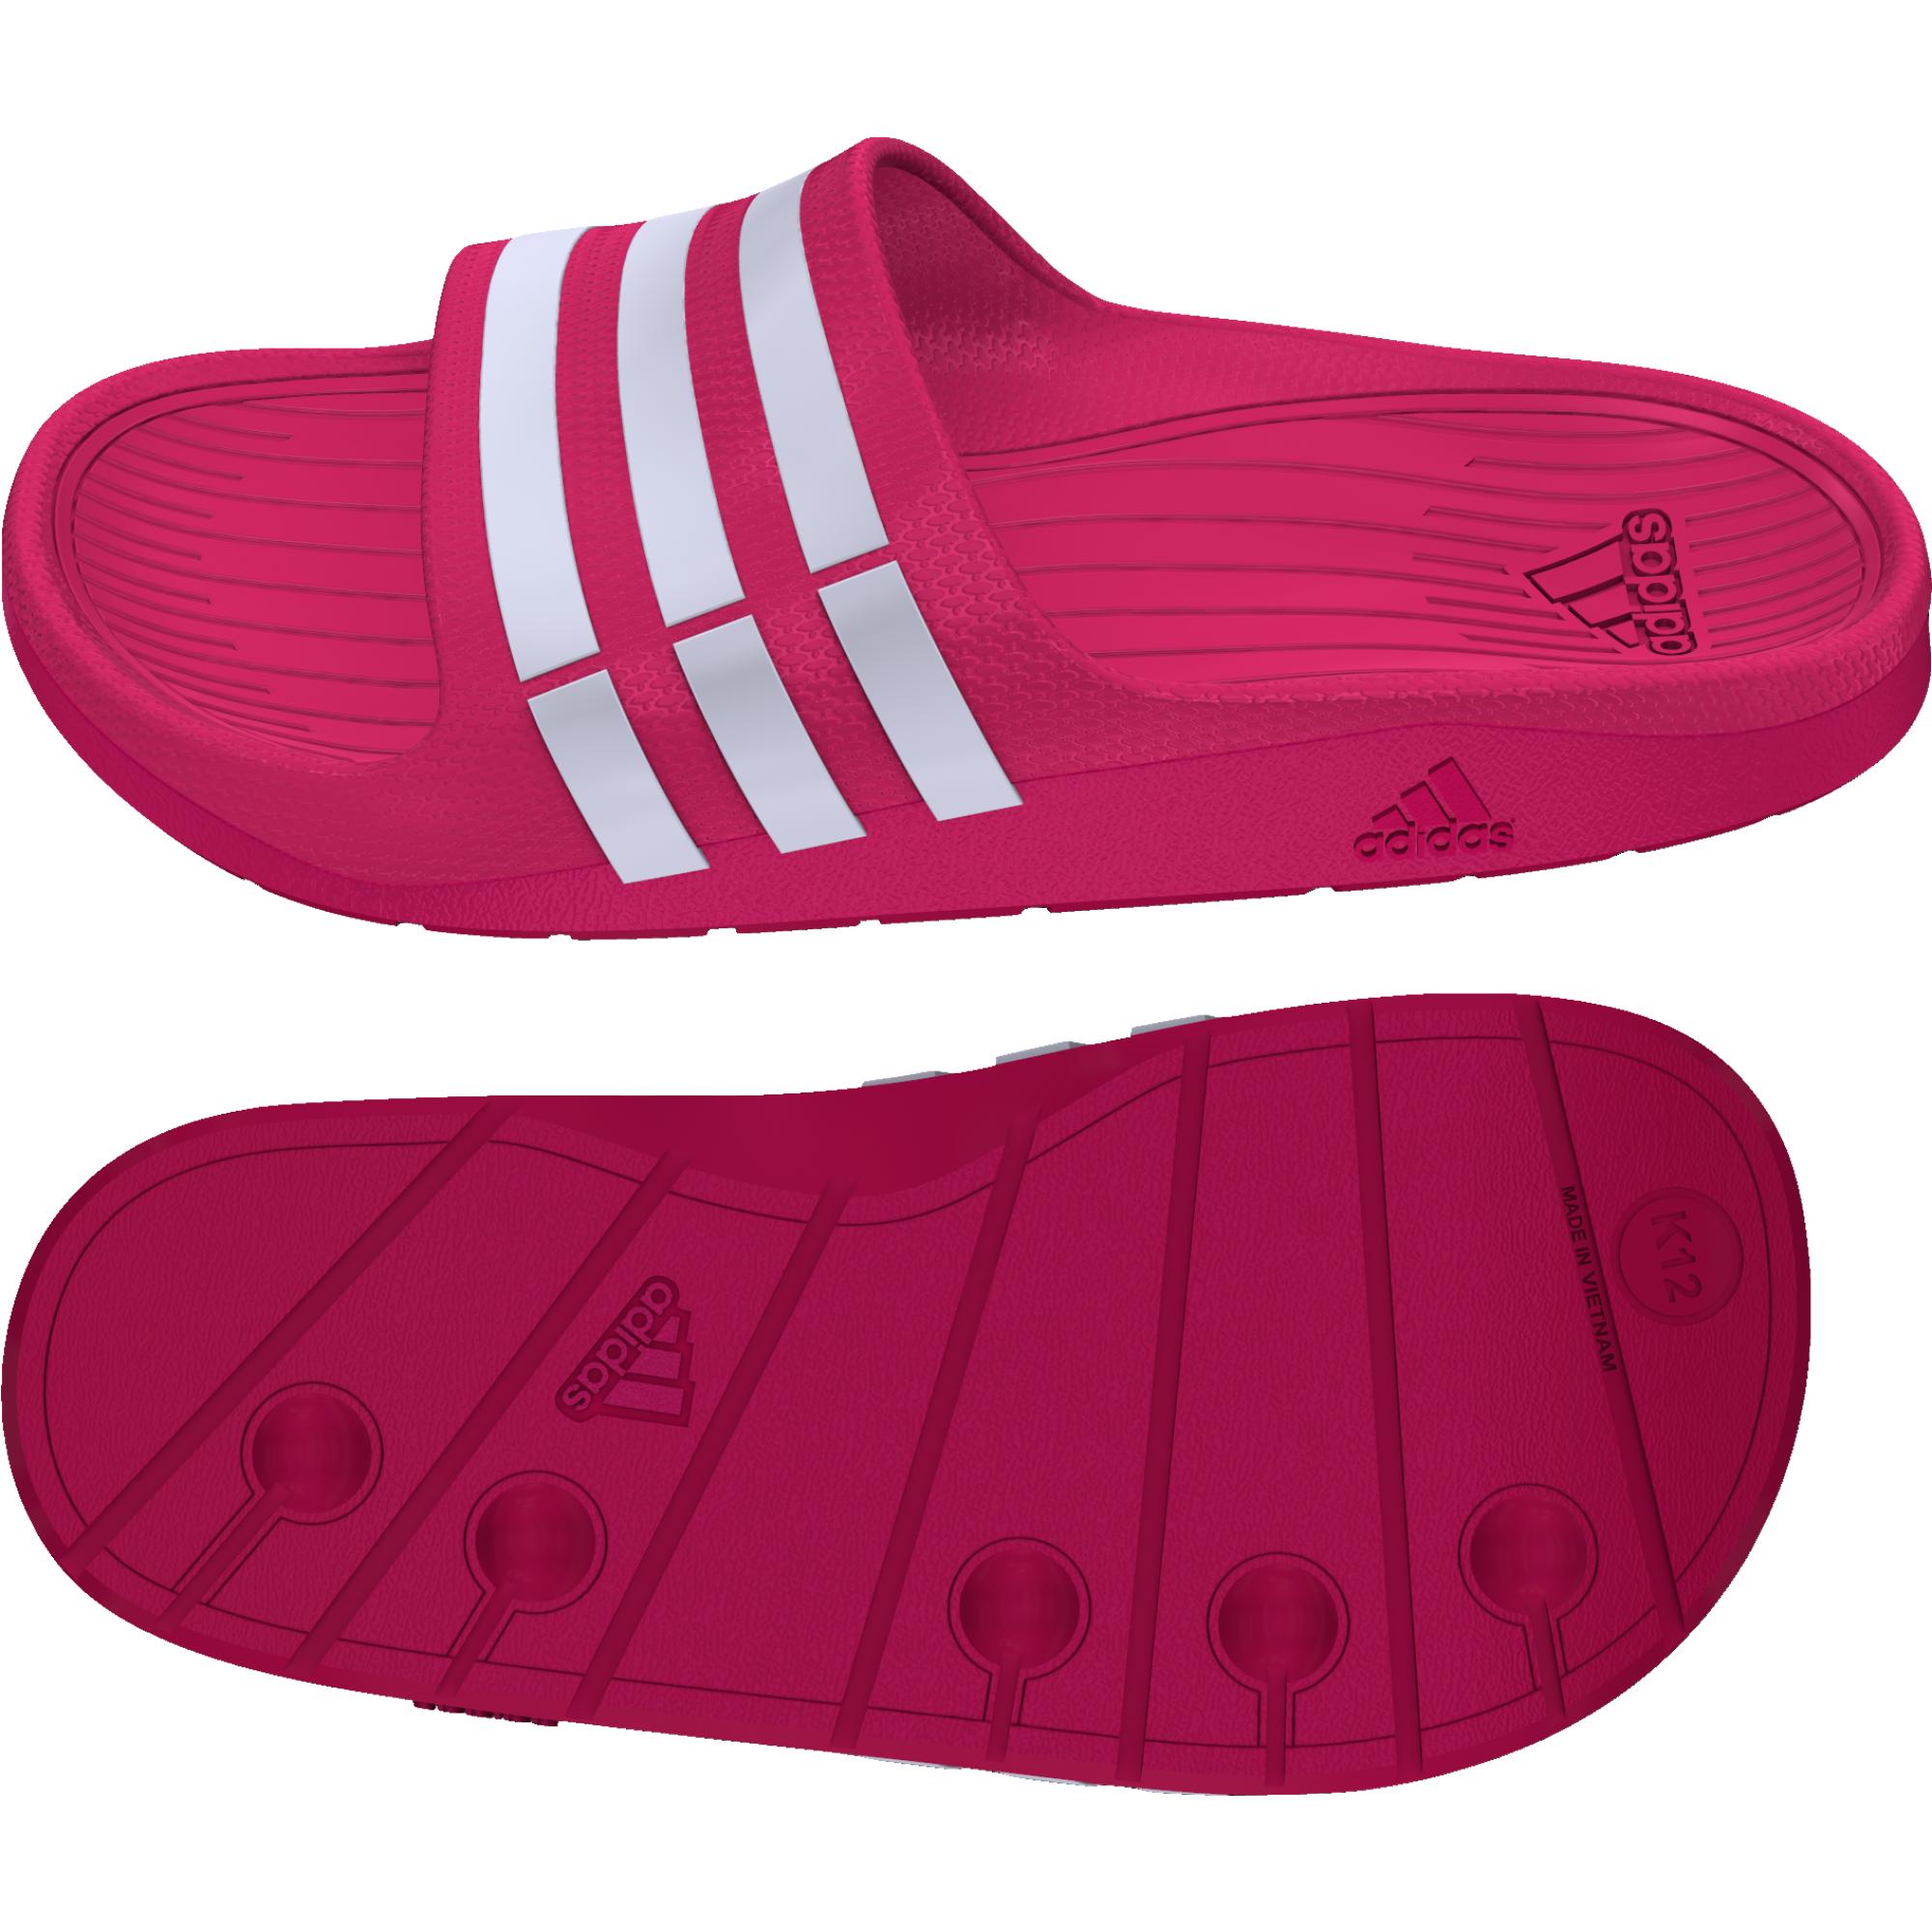 72655baace29 Adidas Duramo Slide Synthetic lány papucs , Lány Gyerek cipő | papucs |  adidas_performance | Adidas Duramo Slide Synthetic lány papucs